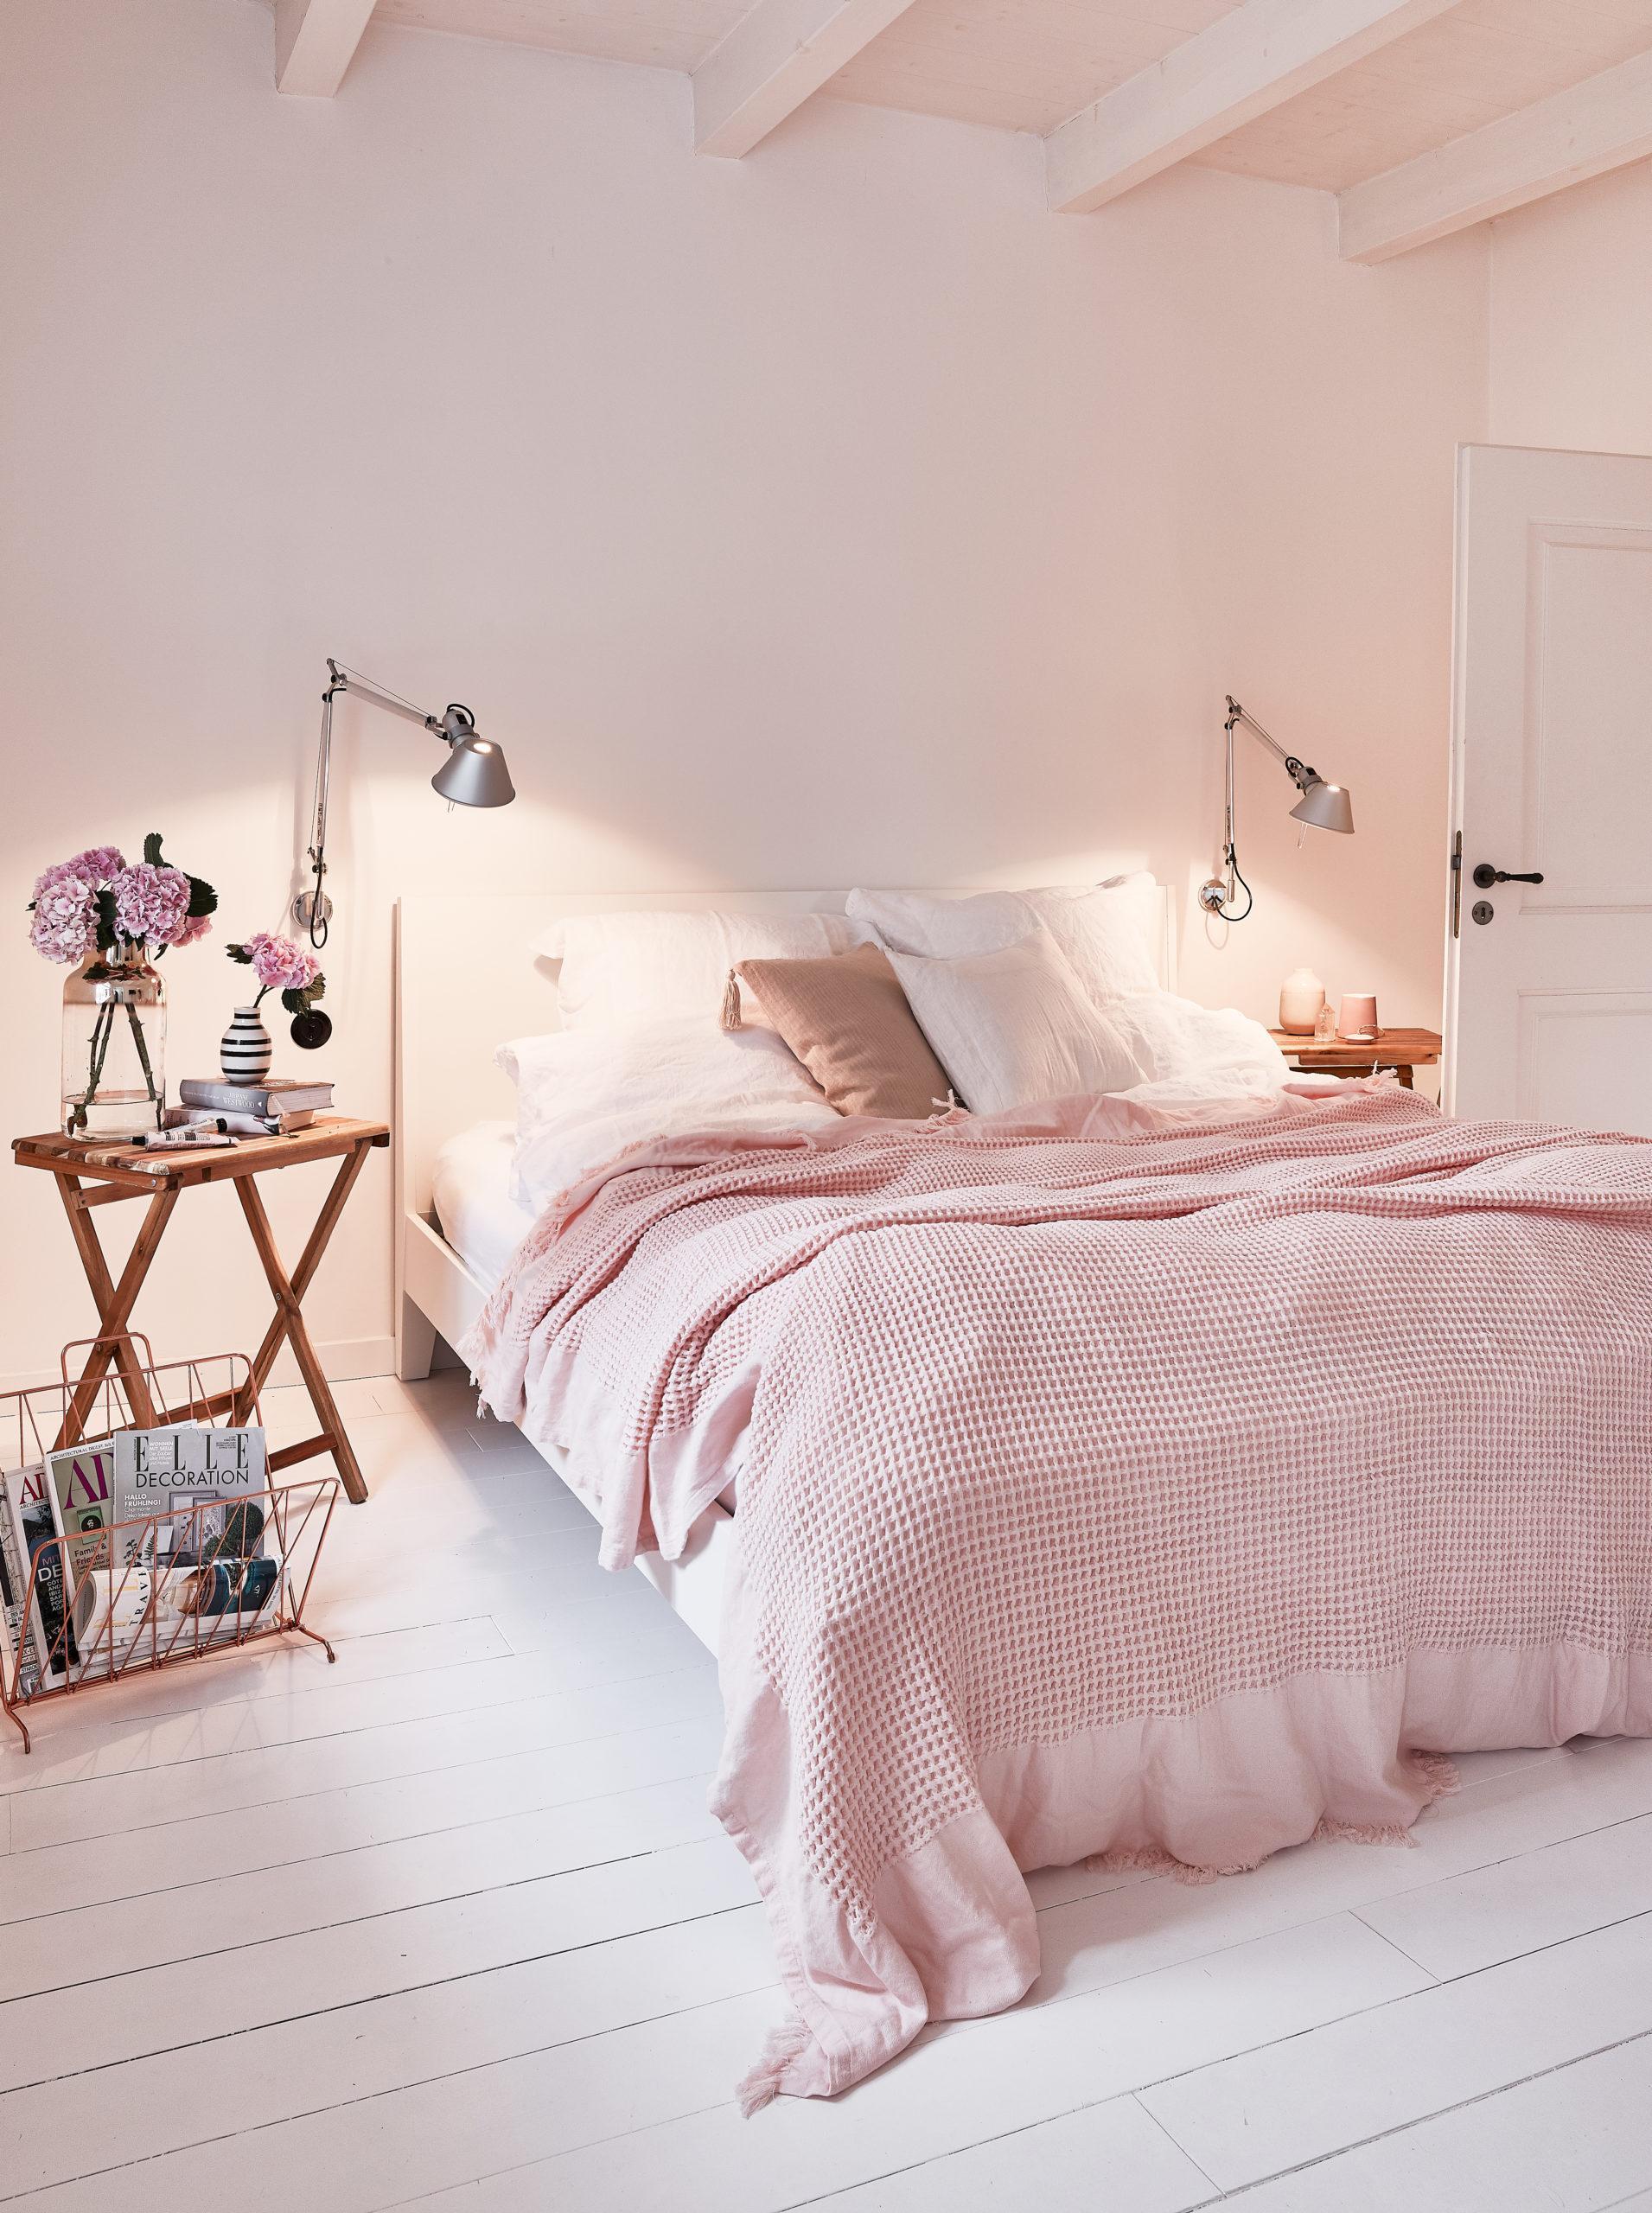 Luxus Schlafzimmer in Rosa mit Wandleuchten, vielen Kissen und gemütlicher Deko